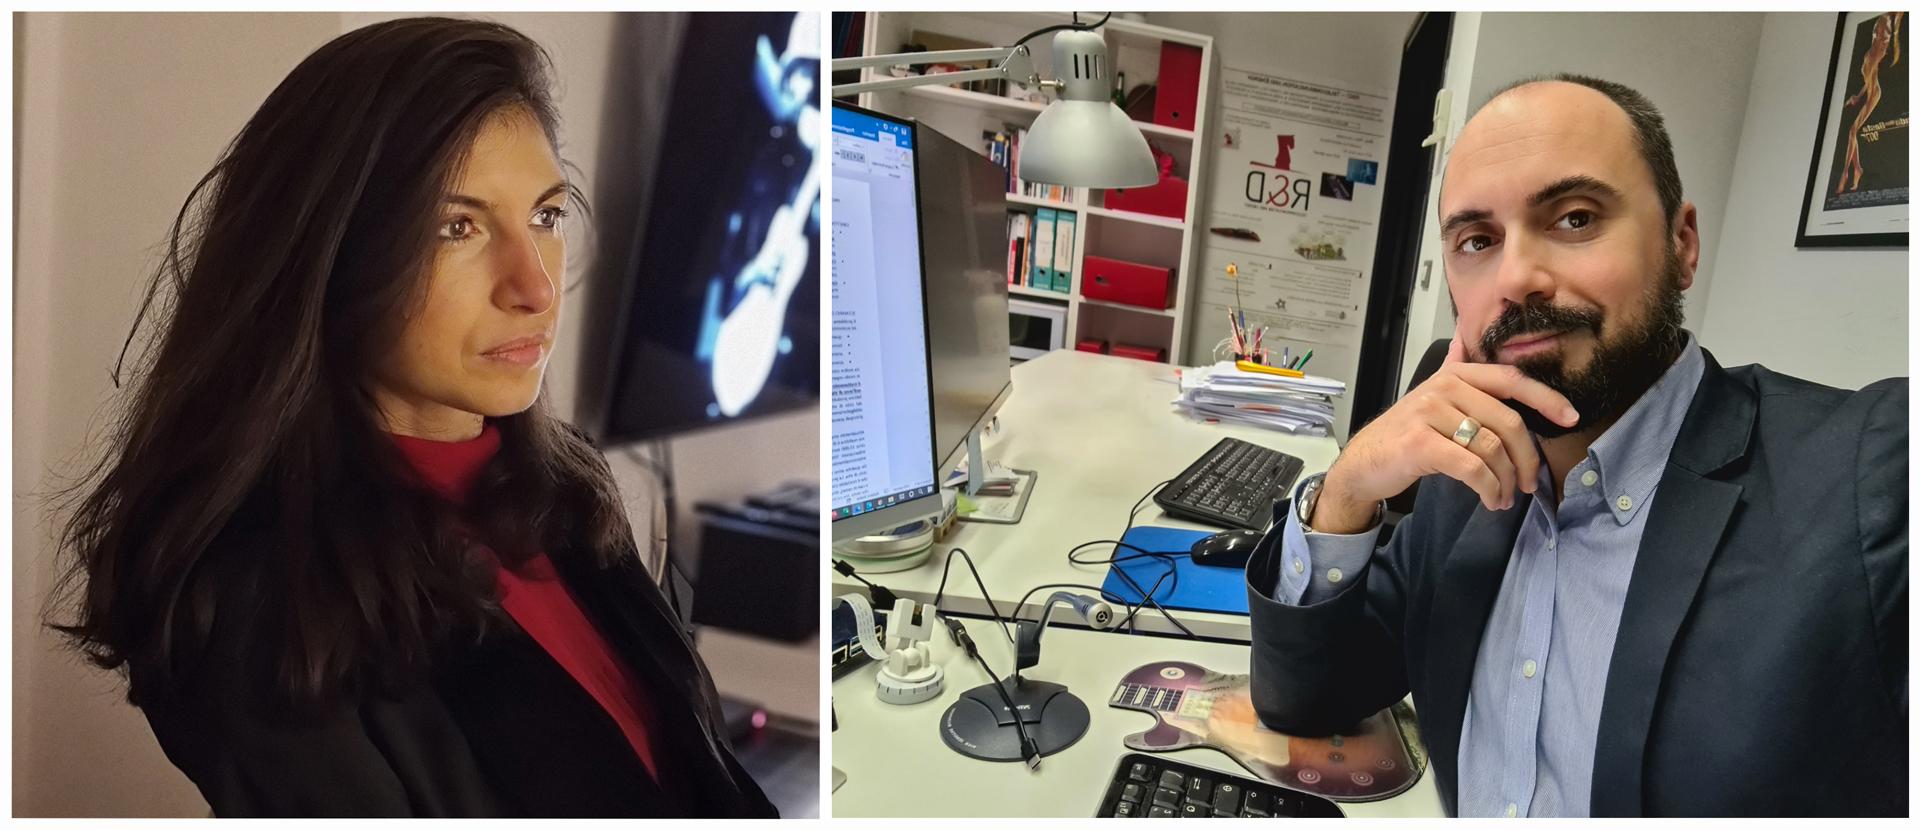 Racconti di Impresa – Federico e Rosa, dalla ricerca universitaria alla realtà produttiva industriale